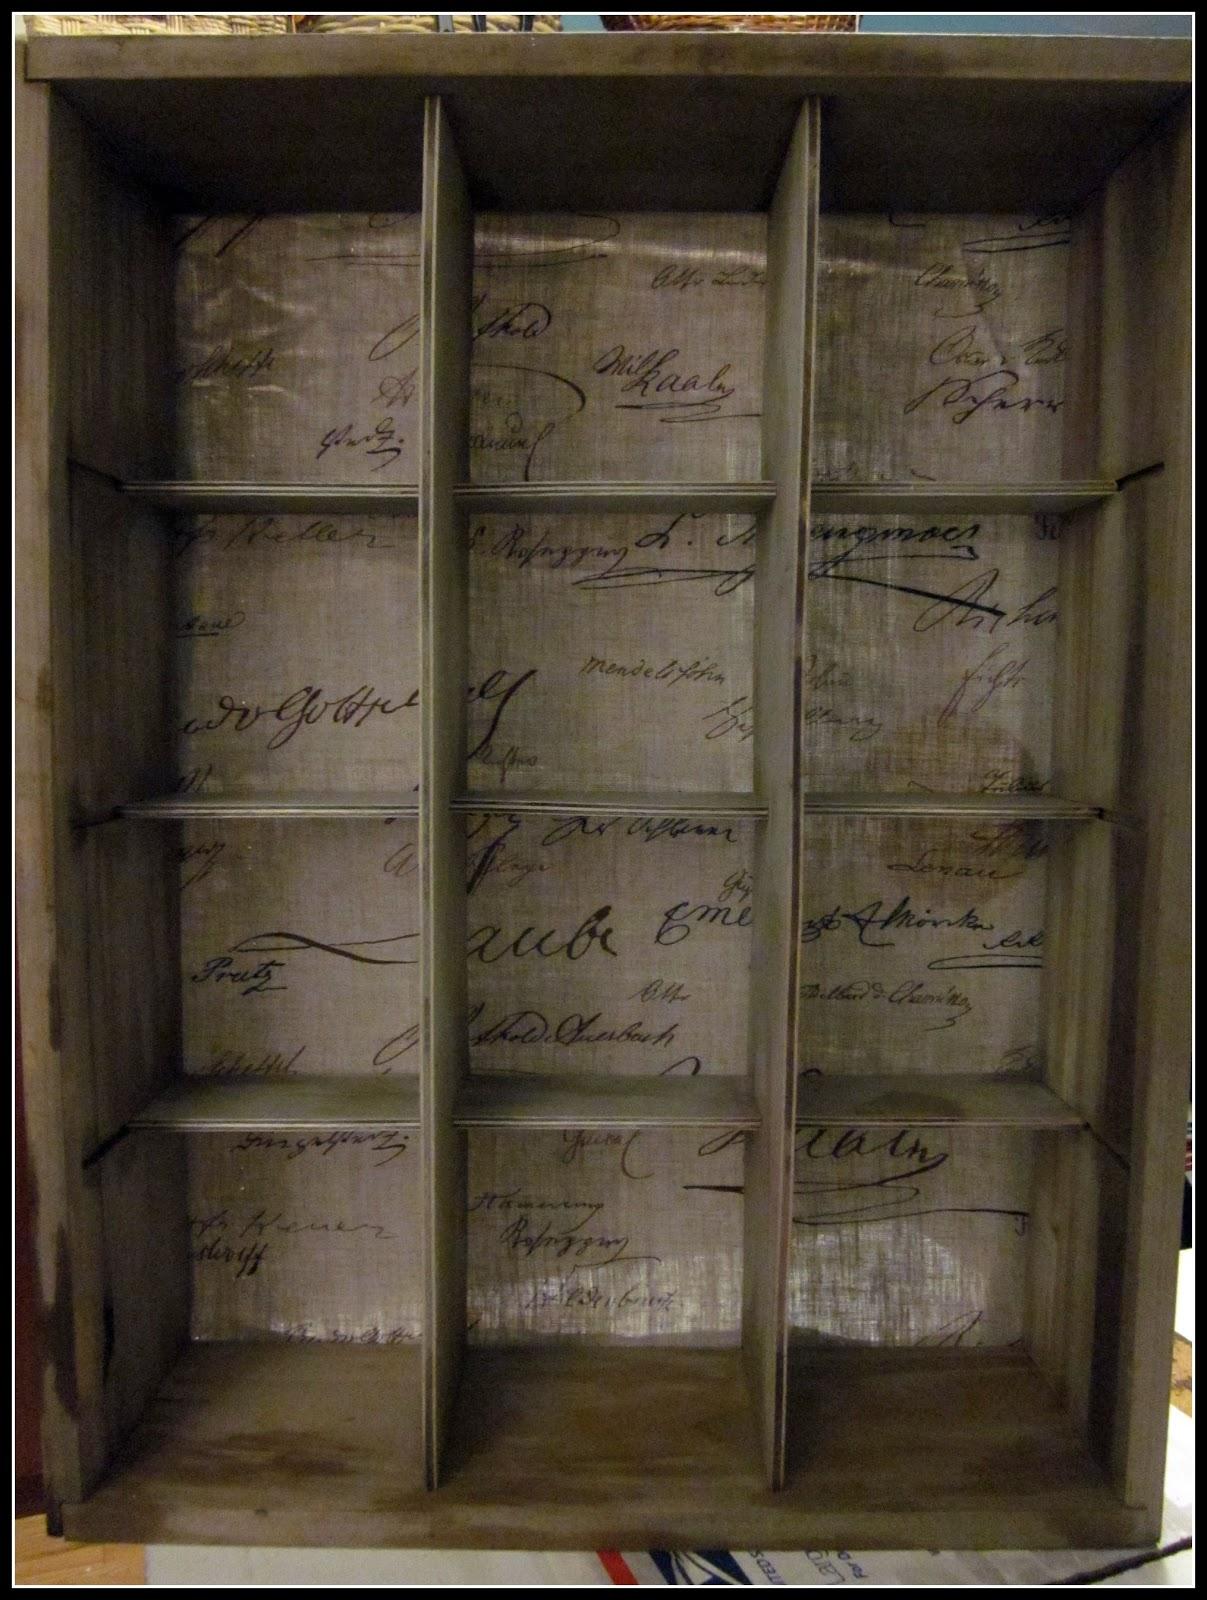 Beau Wall Cubbie Cabinet